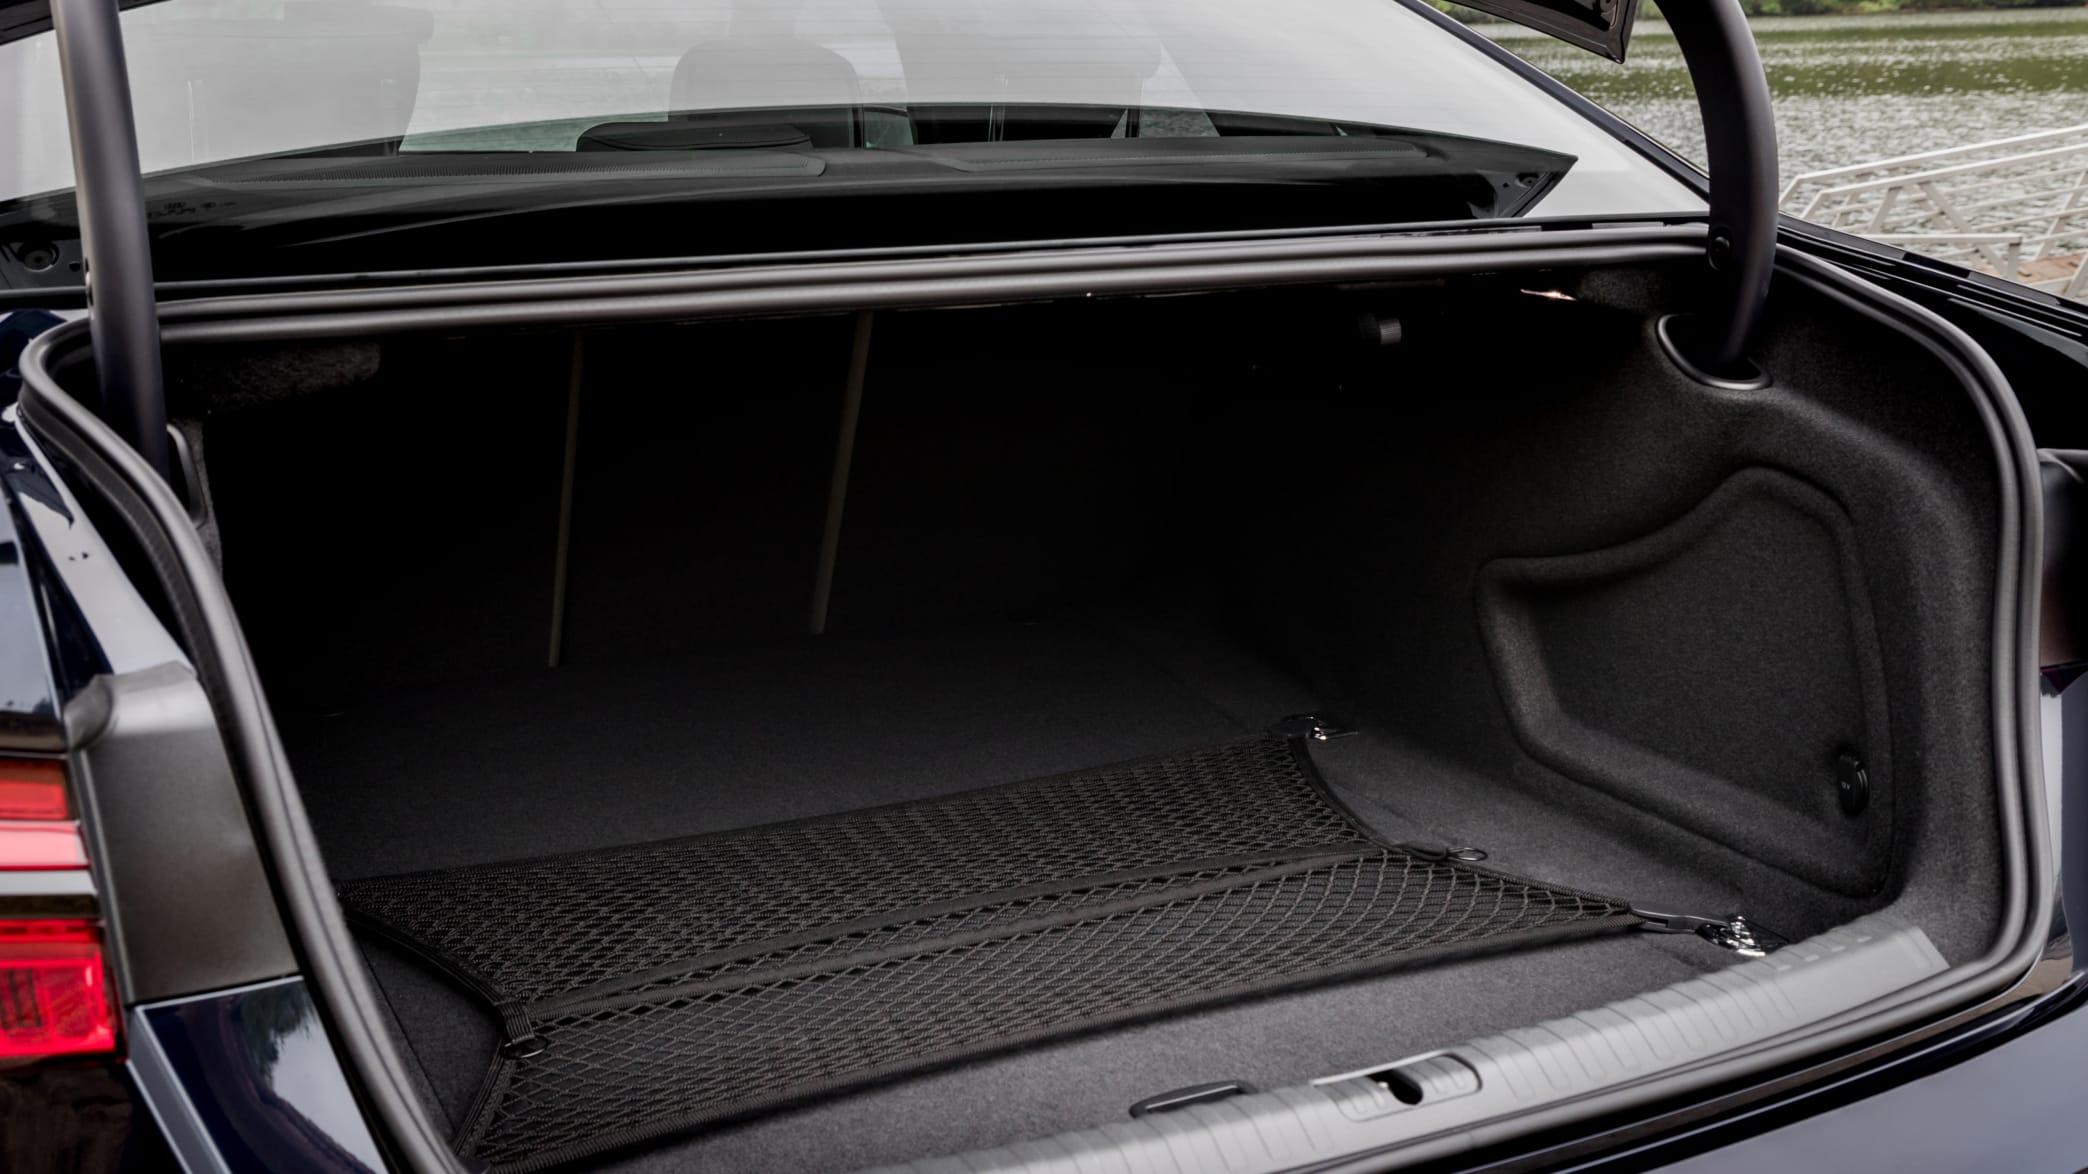 Kofferraum eines schwarzen Audi A6